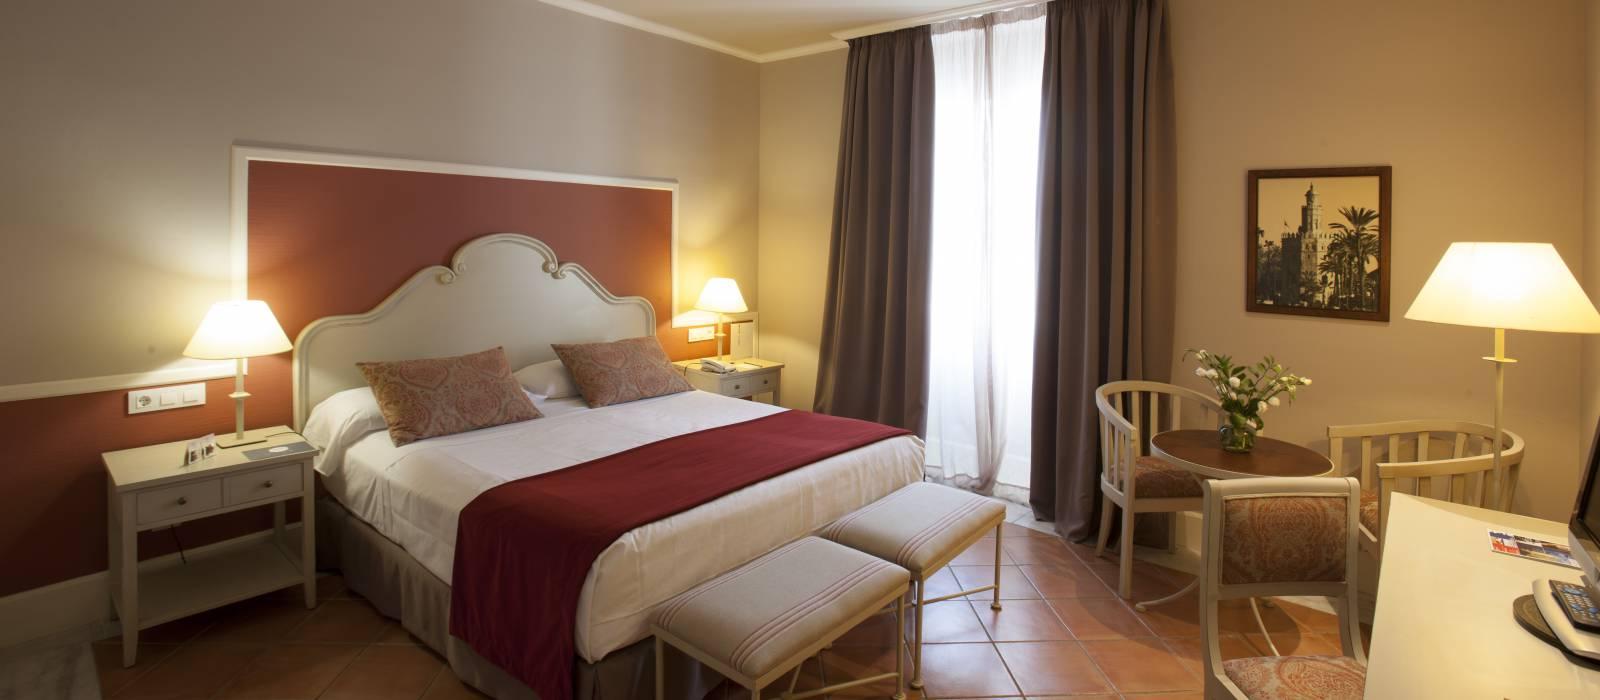 Angebote Hotel Vincci Sevilla La Rabida - Jetzt buchen und 10% sparen!